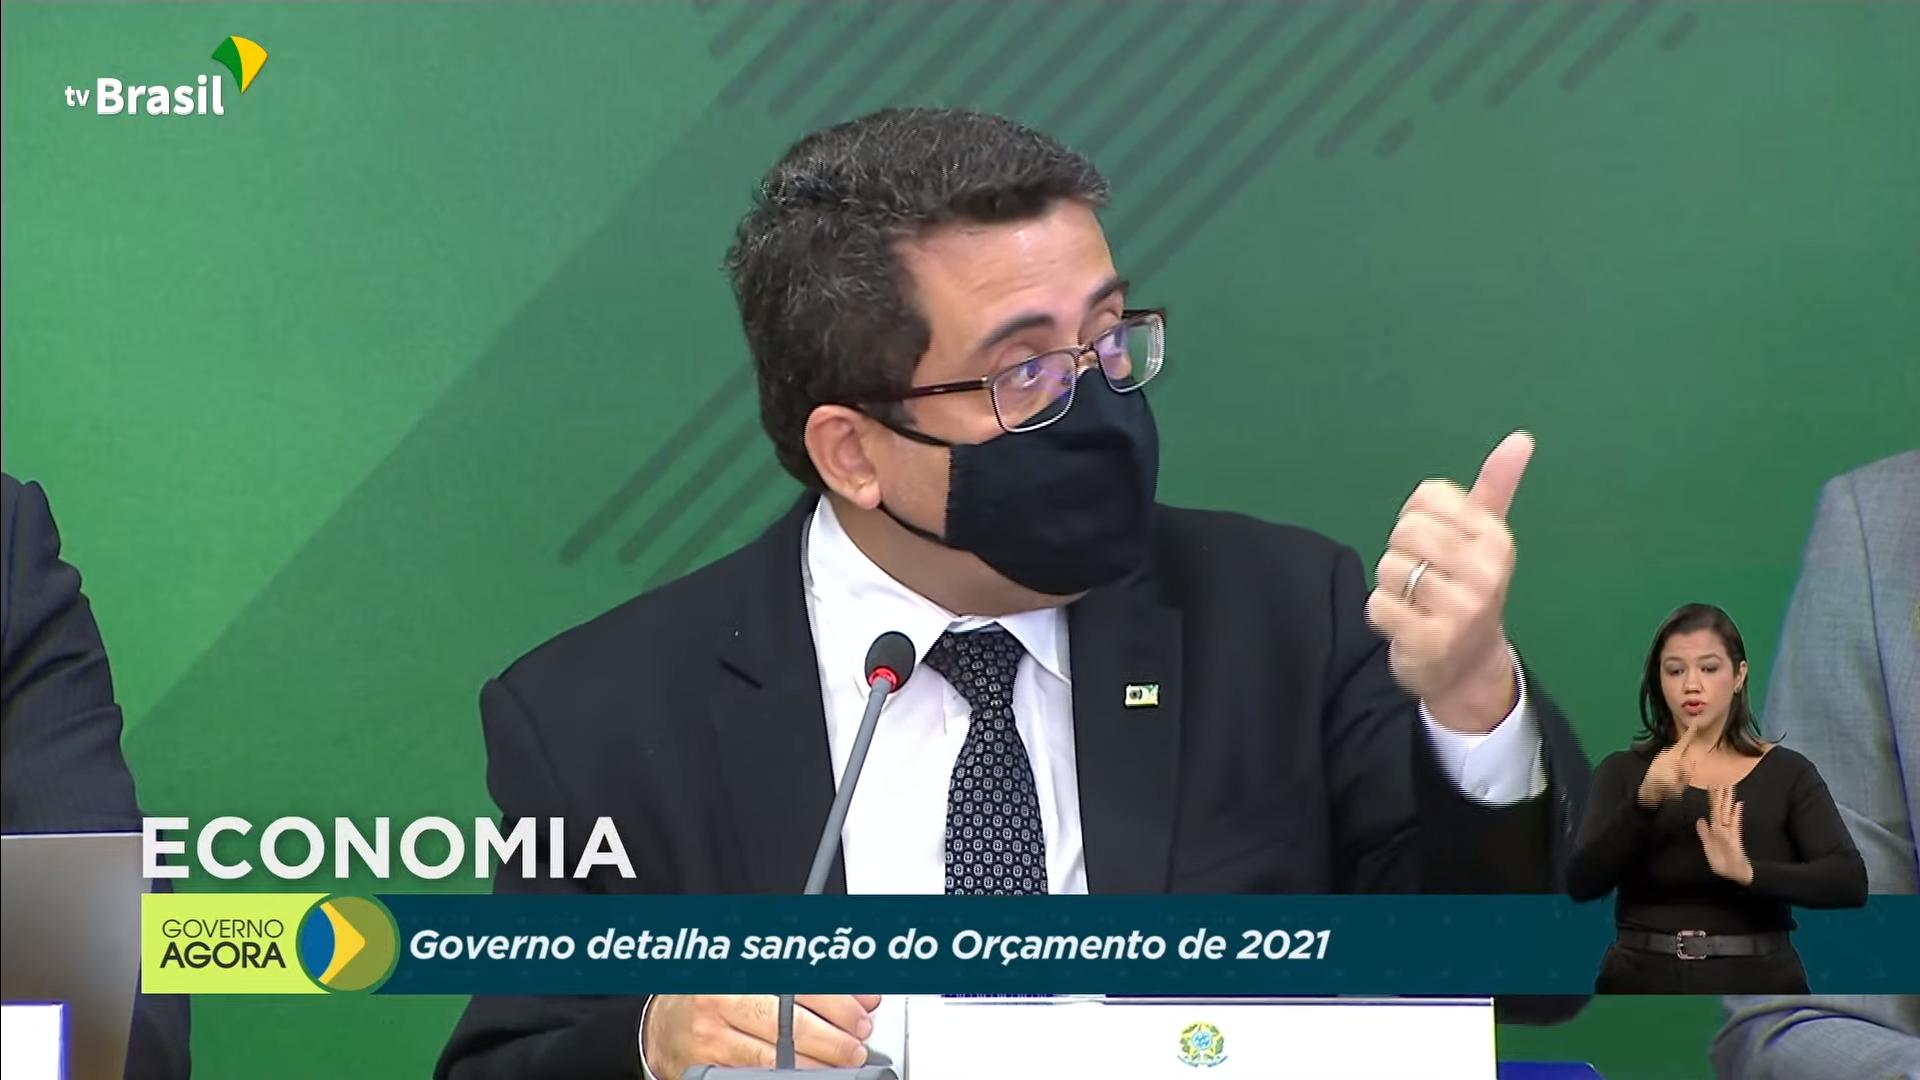 IMAGEM: 'Cortes na Saúde não vão afetar combate à pandemia', diz secretário de relações governamentais